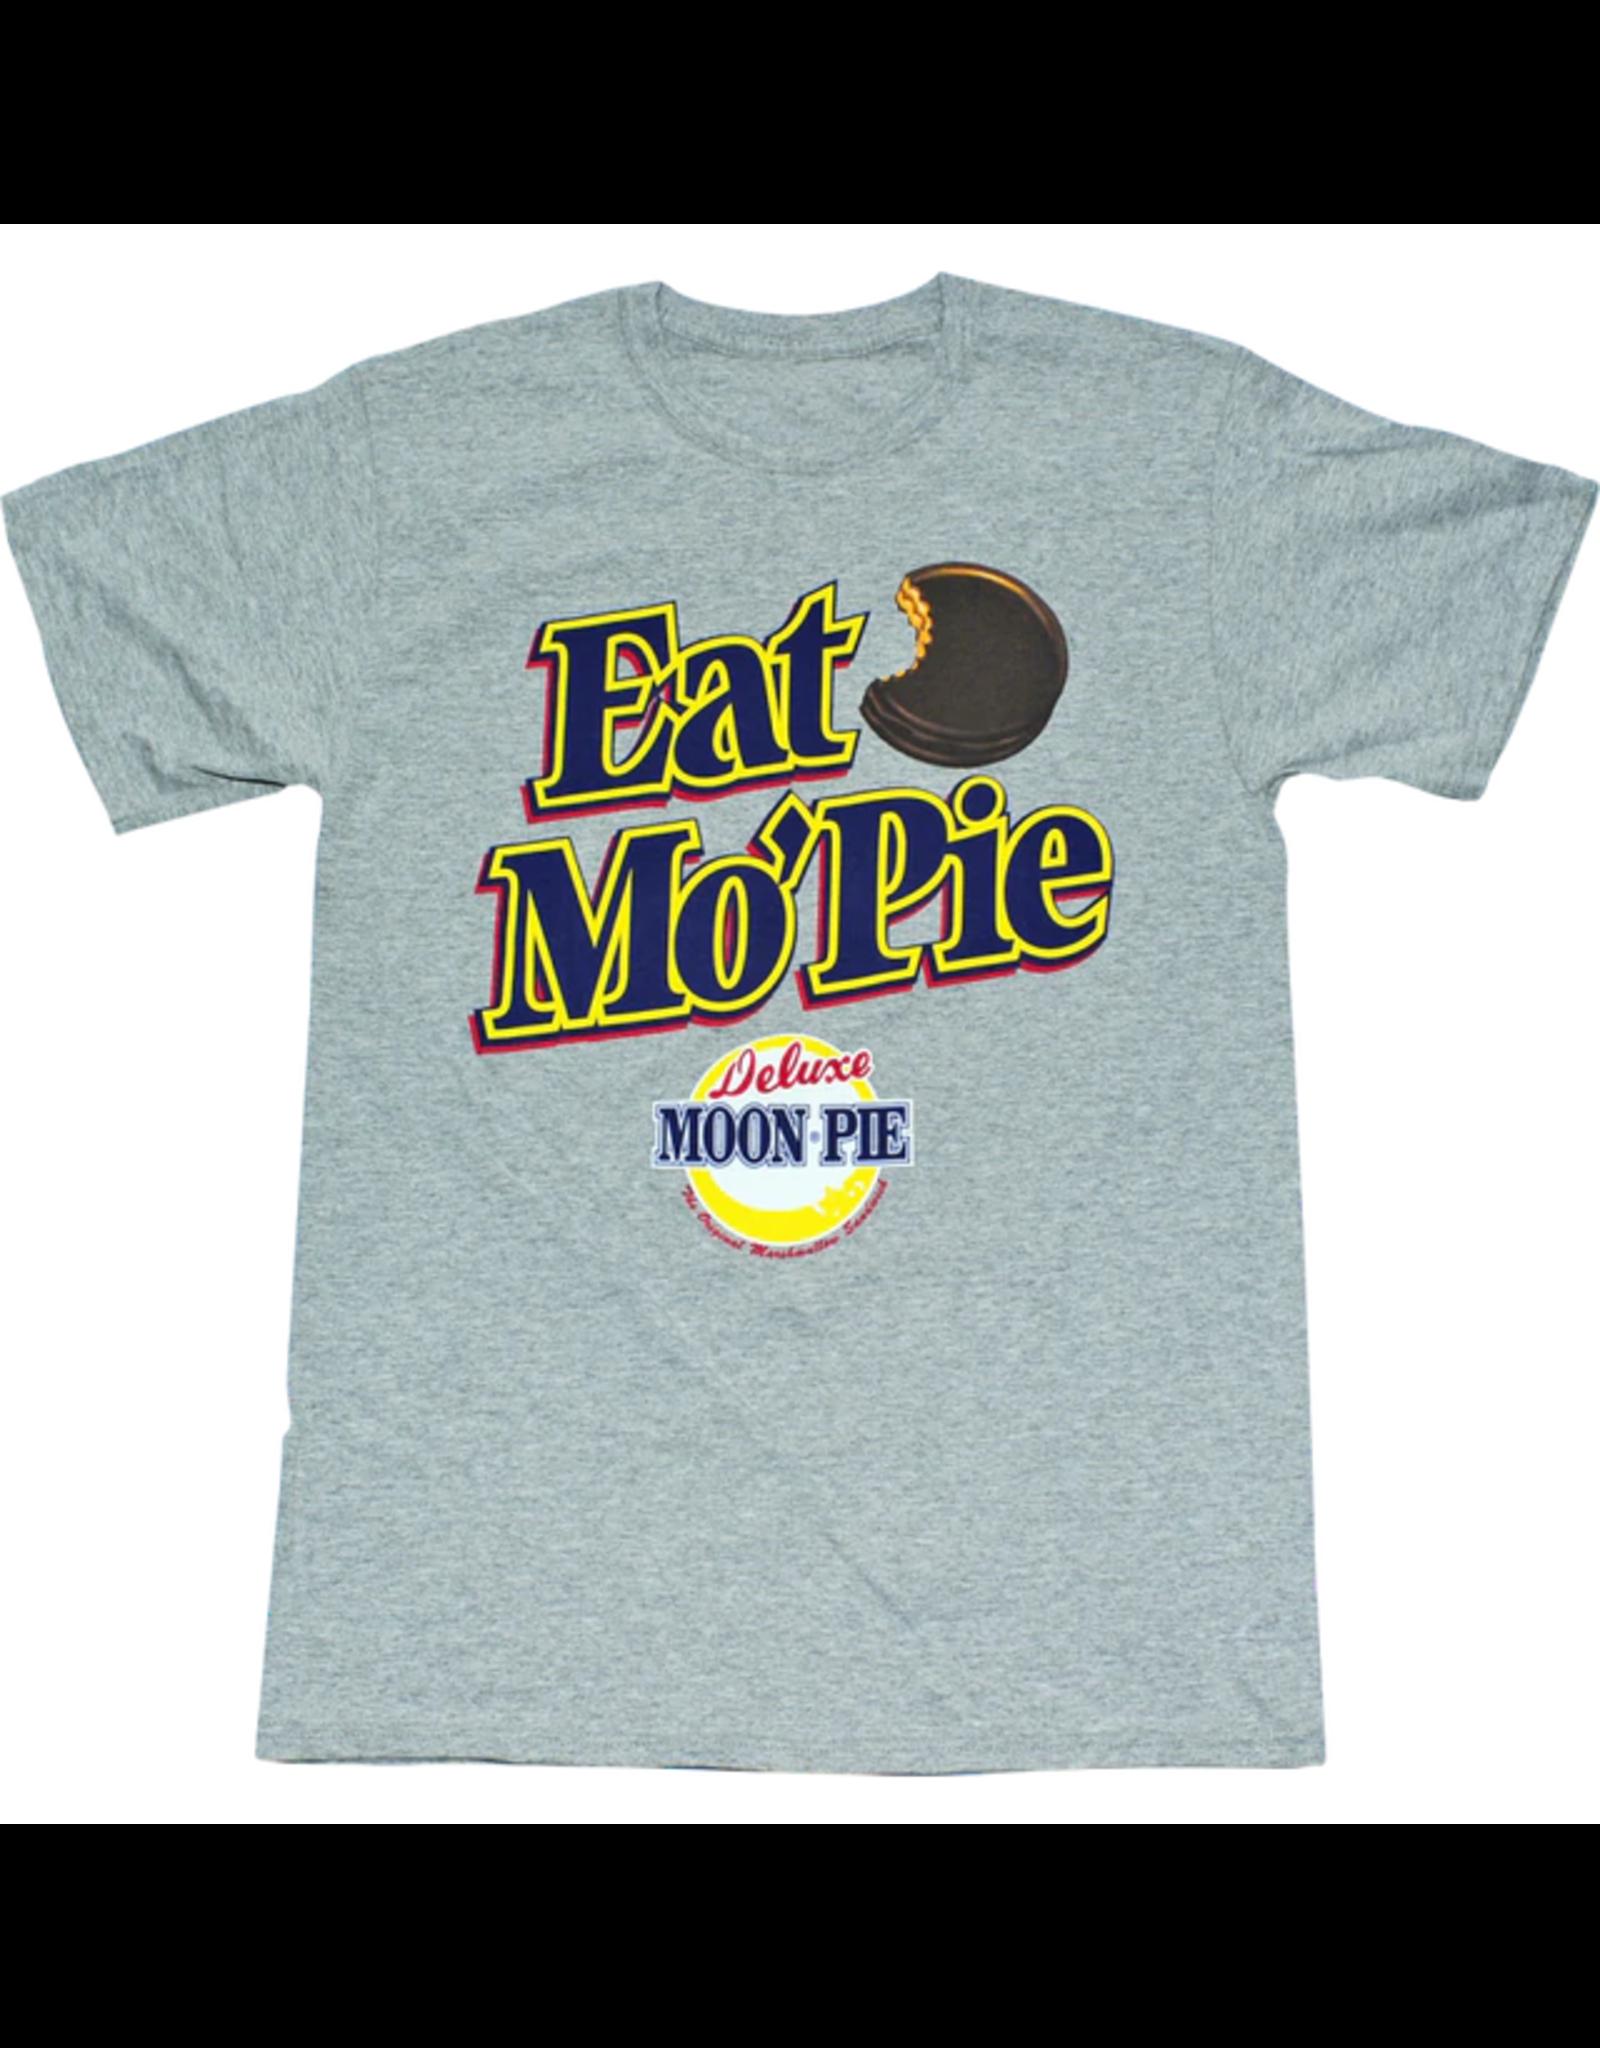 MoonPie Moonpie Short Sleeve Tee, Grey